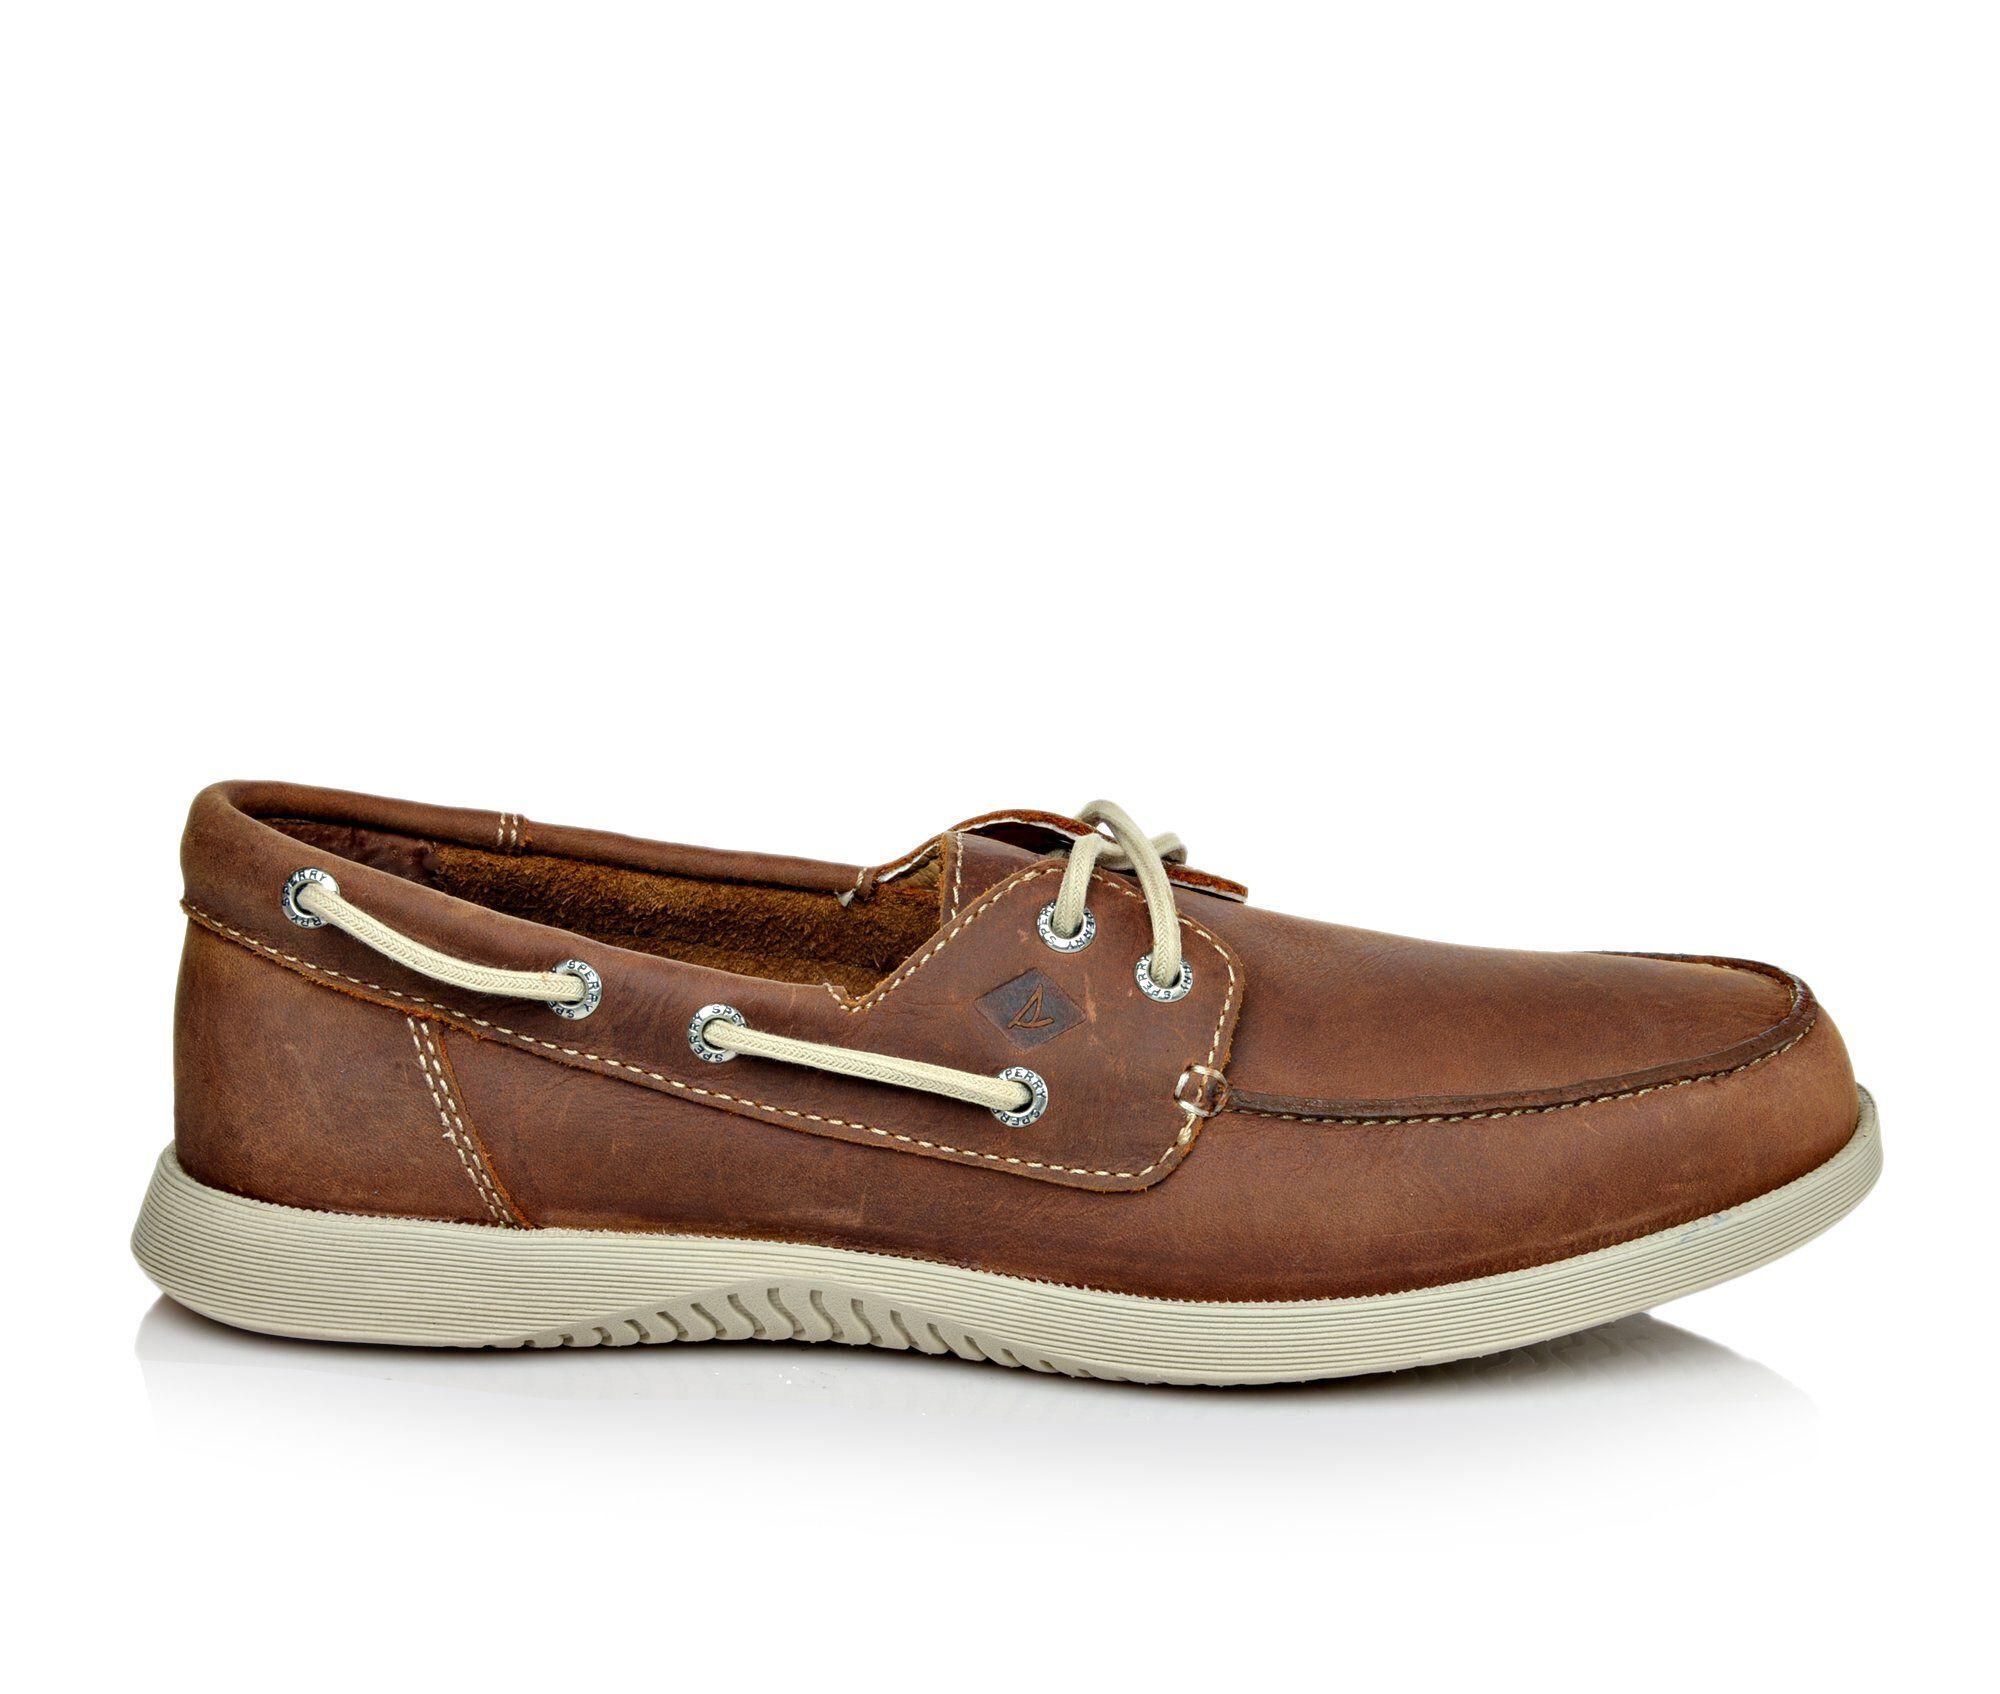 Men's Sperry Defender 2 Eye Boat Boat Shoes